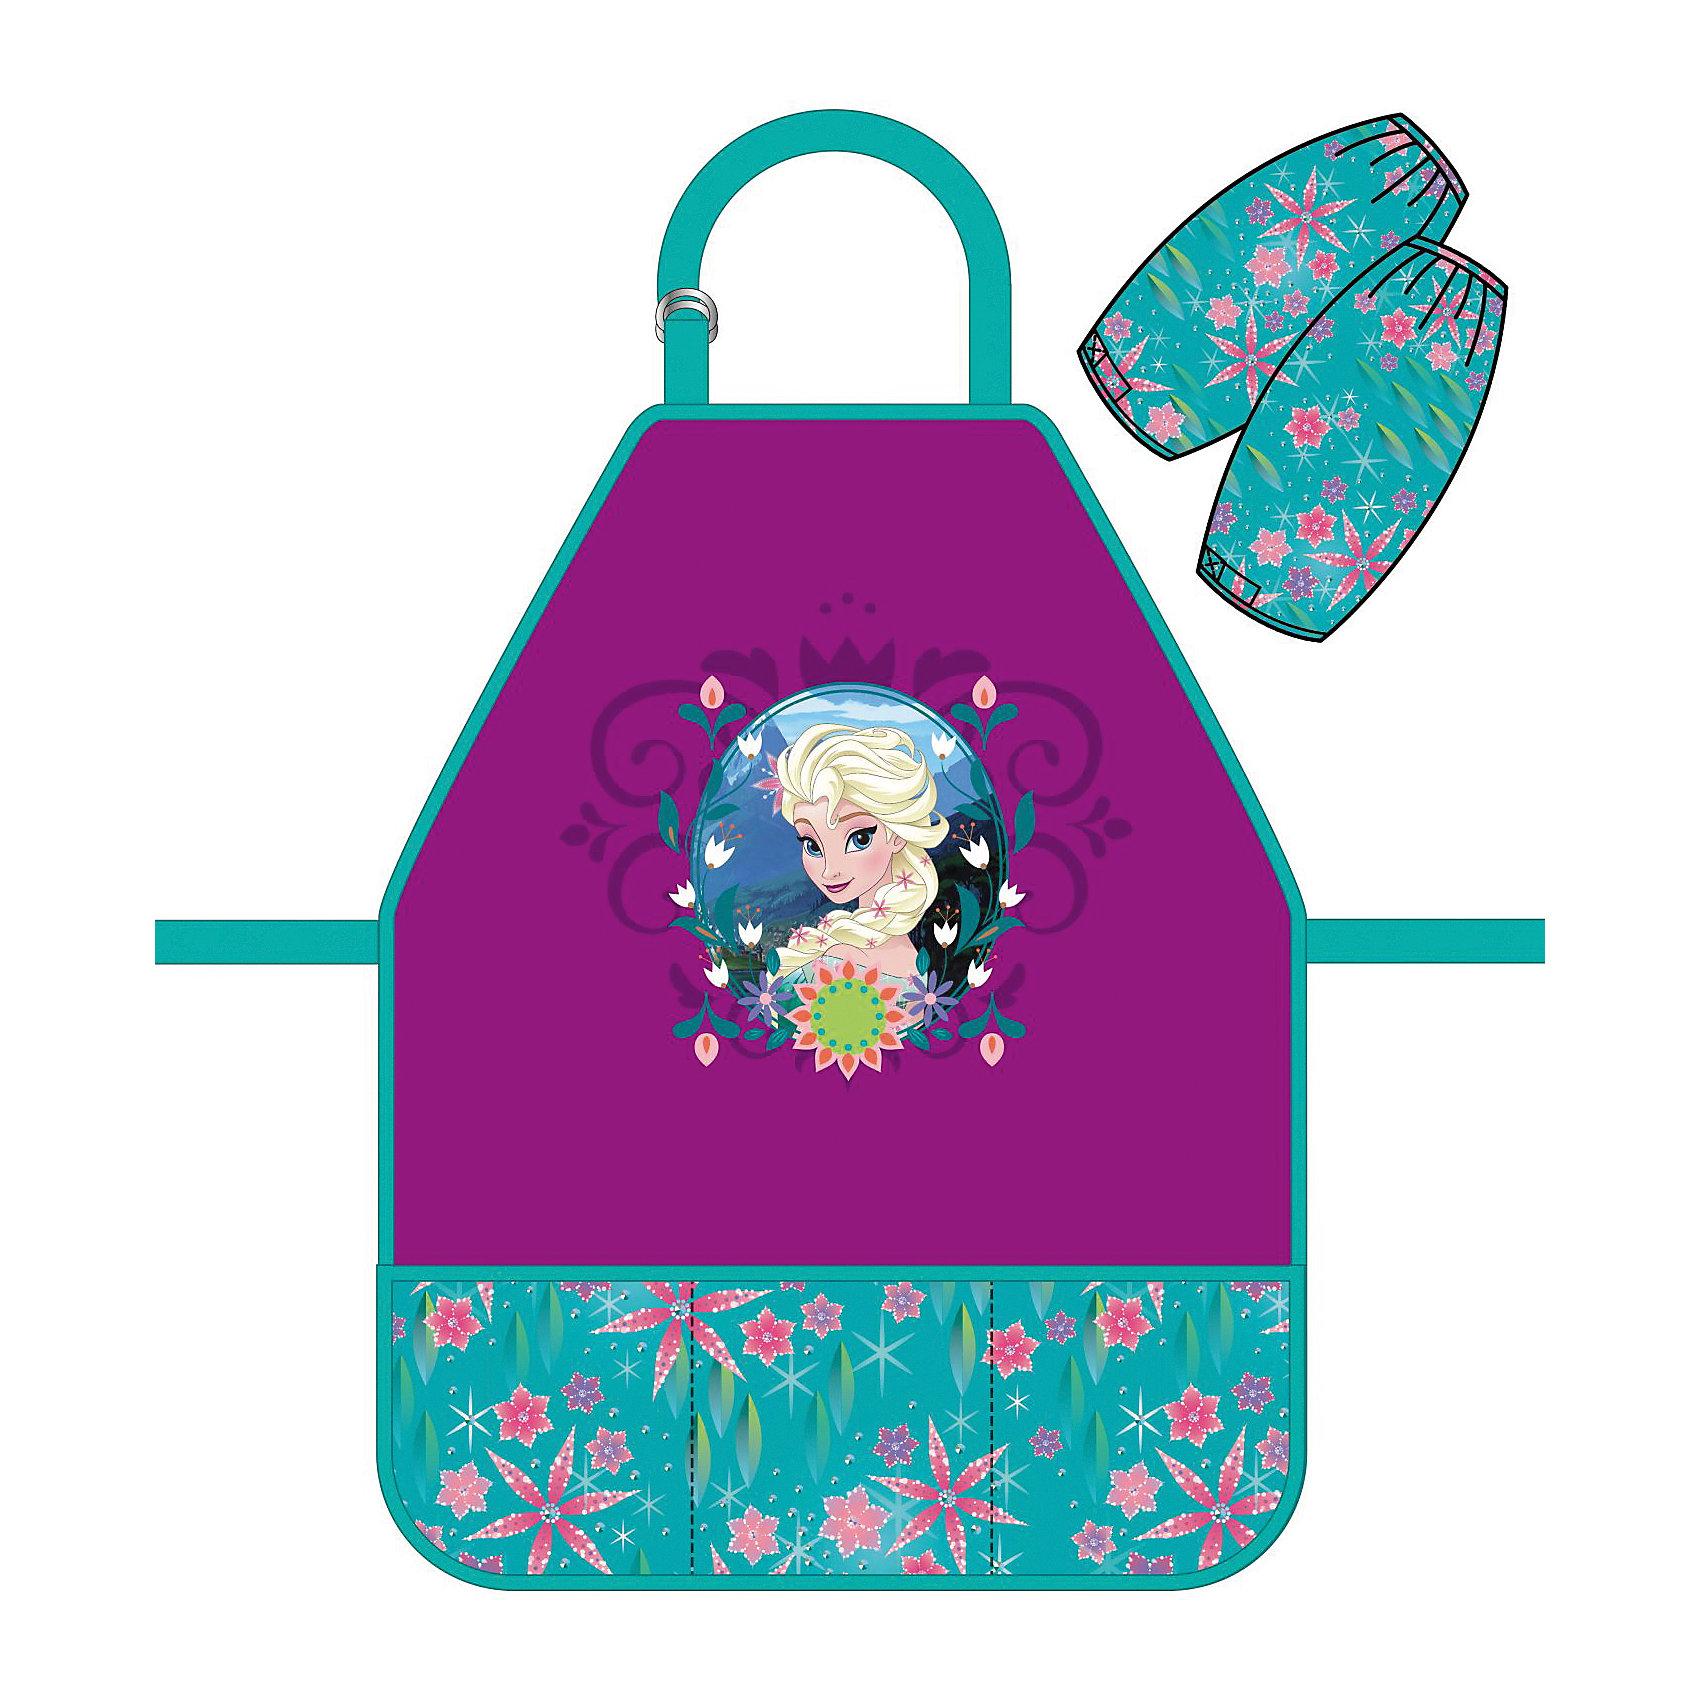 Фартук Elsa с нарукавникамиХолодное Сердце<br>Характеристики товара:<br><br>• принт: Эльза<br>• материал: полиэстер<br>• страна изготовитель: Китай<br>• страна бренда: Германия<br><br>Фартук Эльза с нарукавниками бренда Erich Krause защитит одежду от краски, пластилина и прочих материалов для творчества.<br><br>Фартук Elsa можно купить в нашем интернет-магазине.<br><br>Ширина мм: 9999<br>Глубина мм: 9999<br>Высота мм: 9999<br>Вес г: 79<br>Возраст от месяцев: 72<br>Возраст до месяцев: 96<br>Пол: Женский<br>Возраст: Детский<br>SKU: 6842706